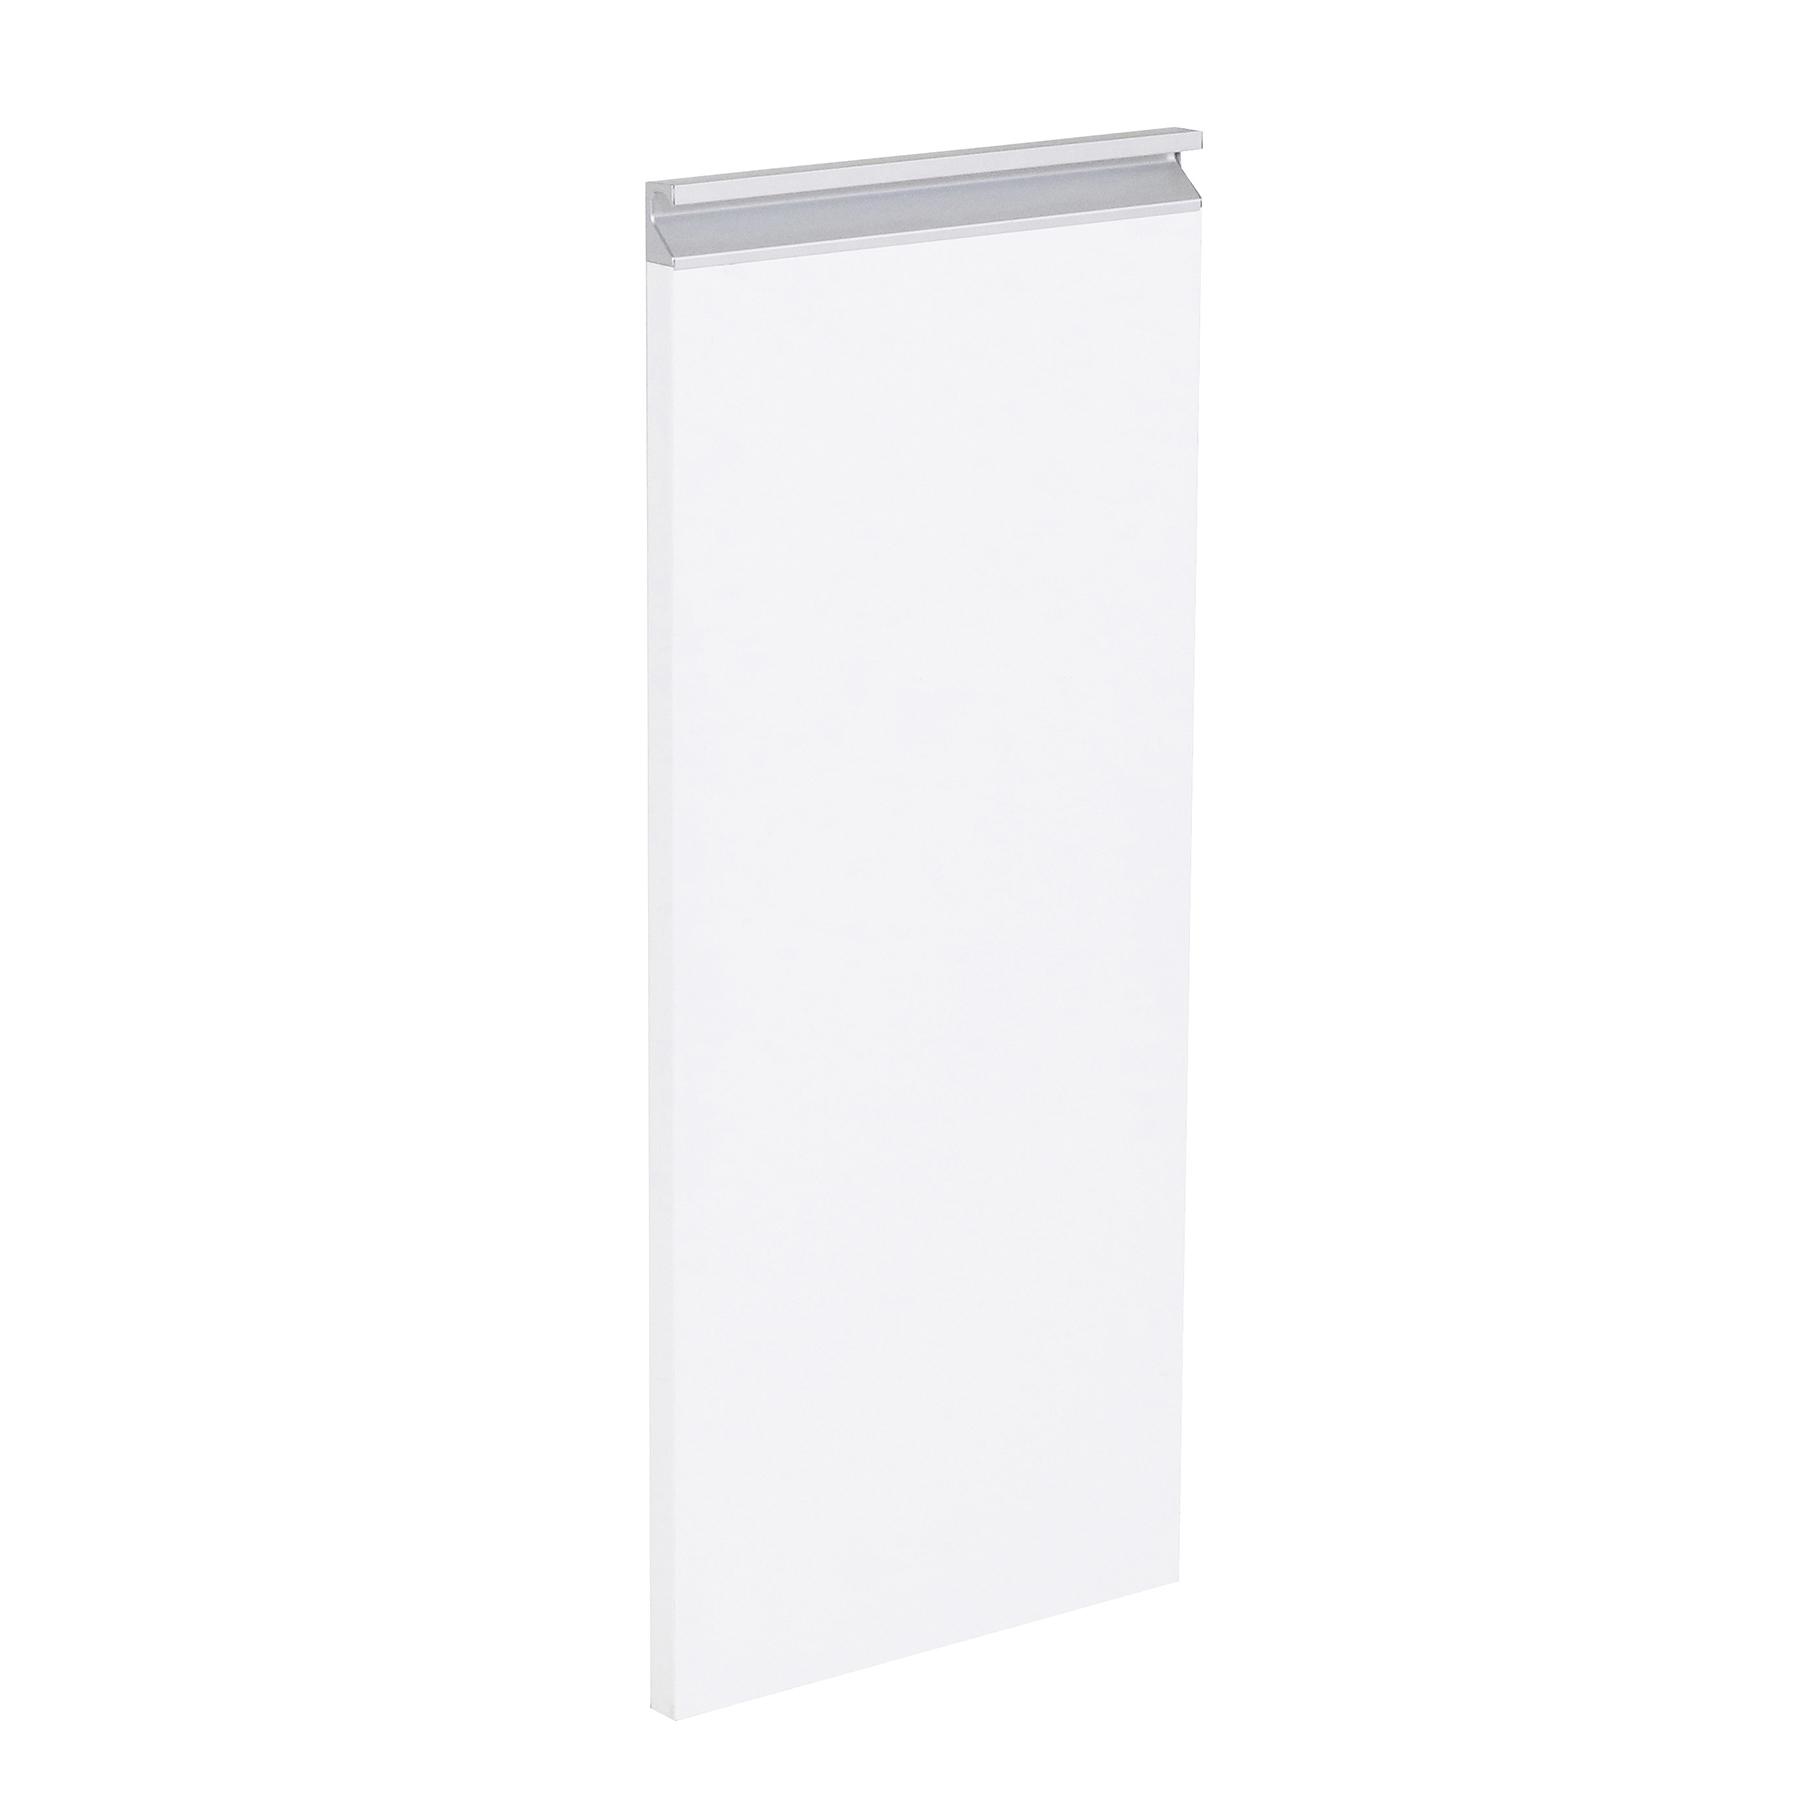 769624b6e159be porta para cozinha grenoble e cristallo branco f30 70  89102811 0001 original.jpg